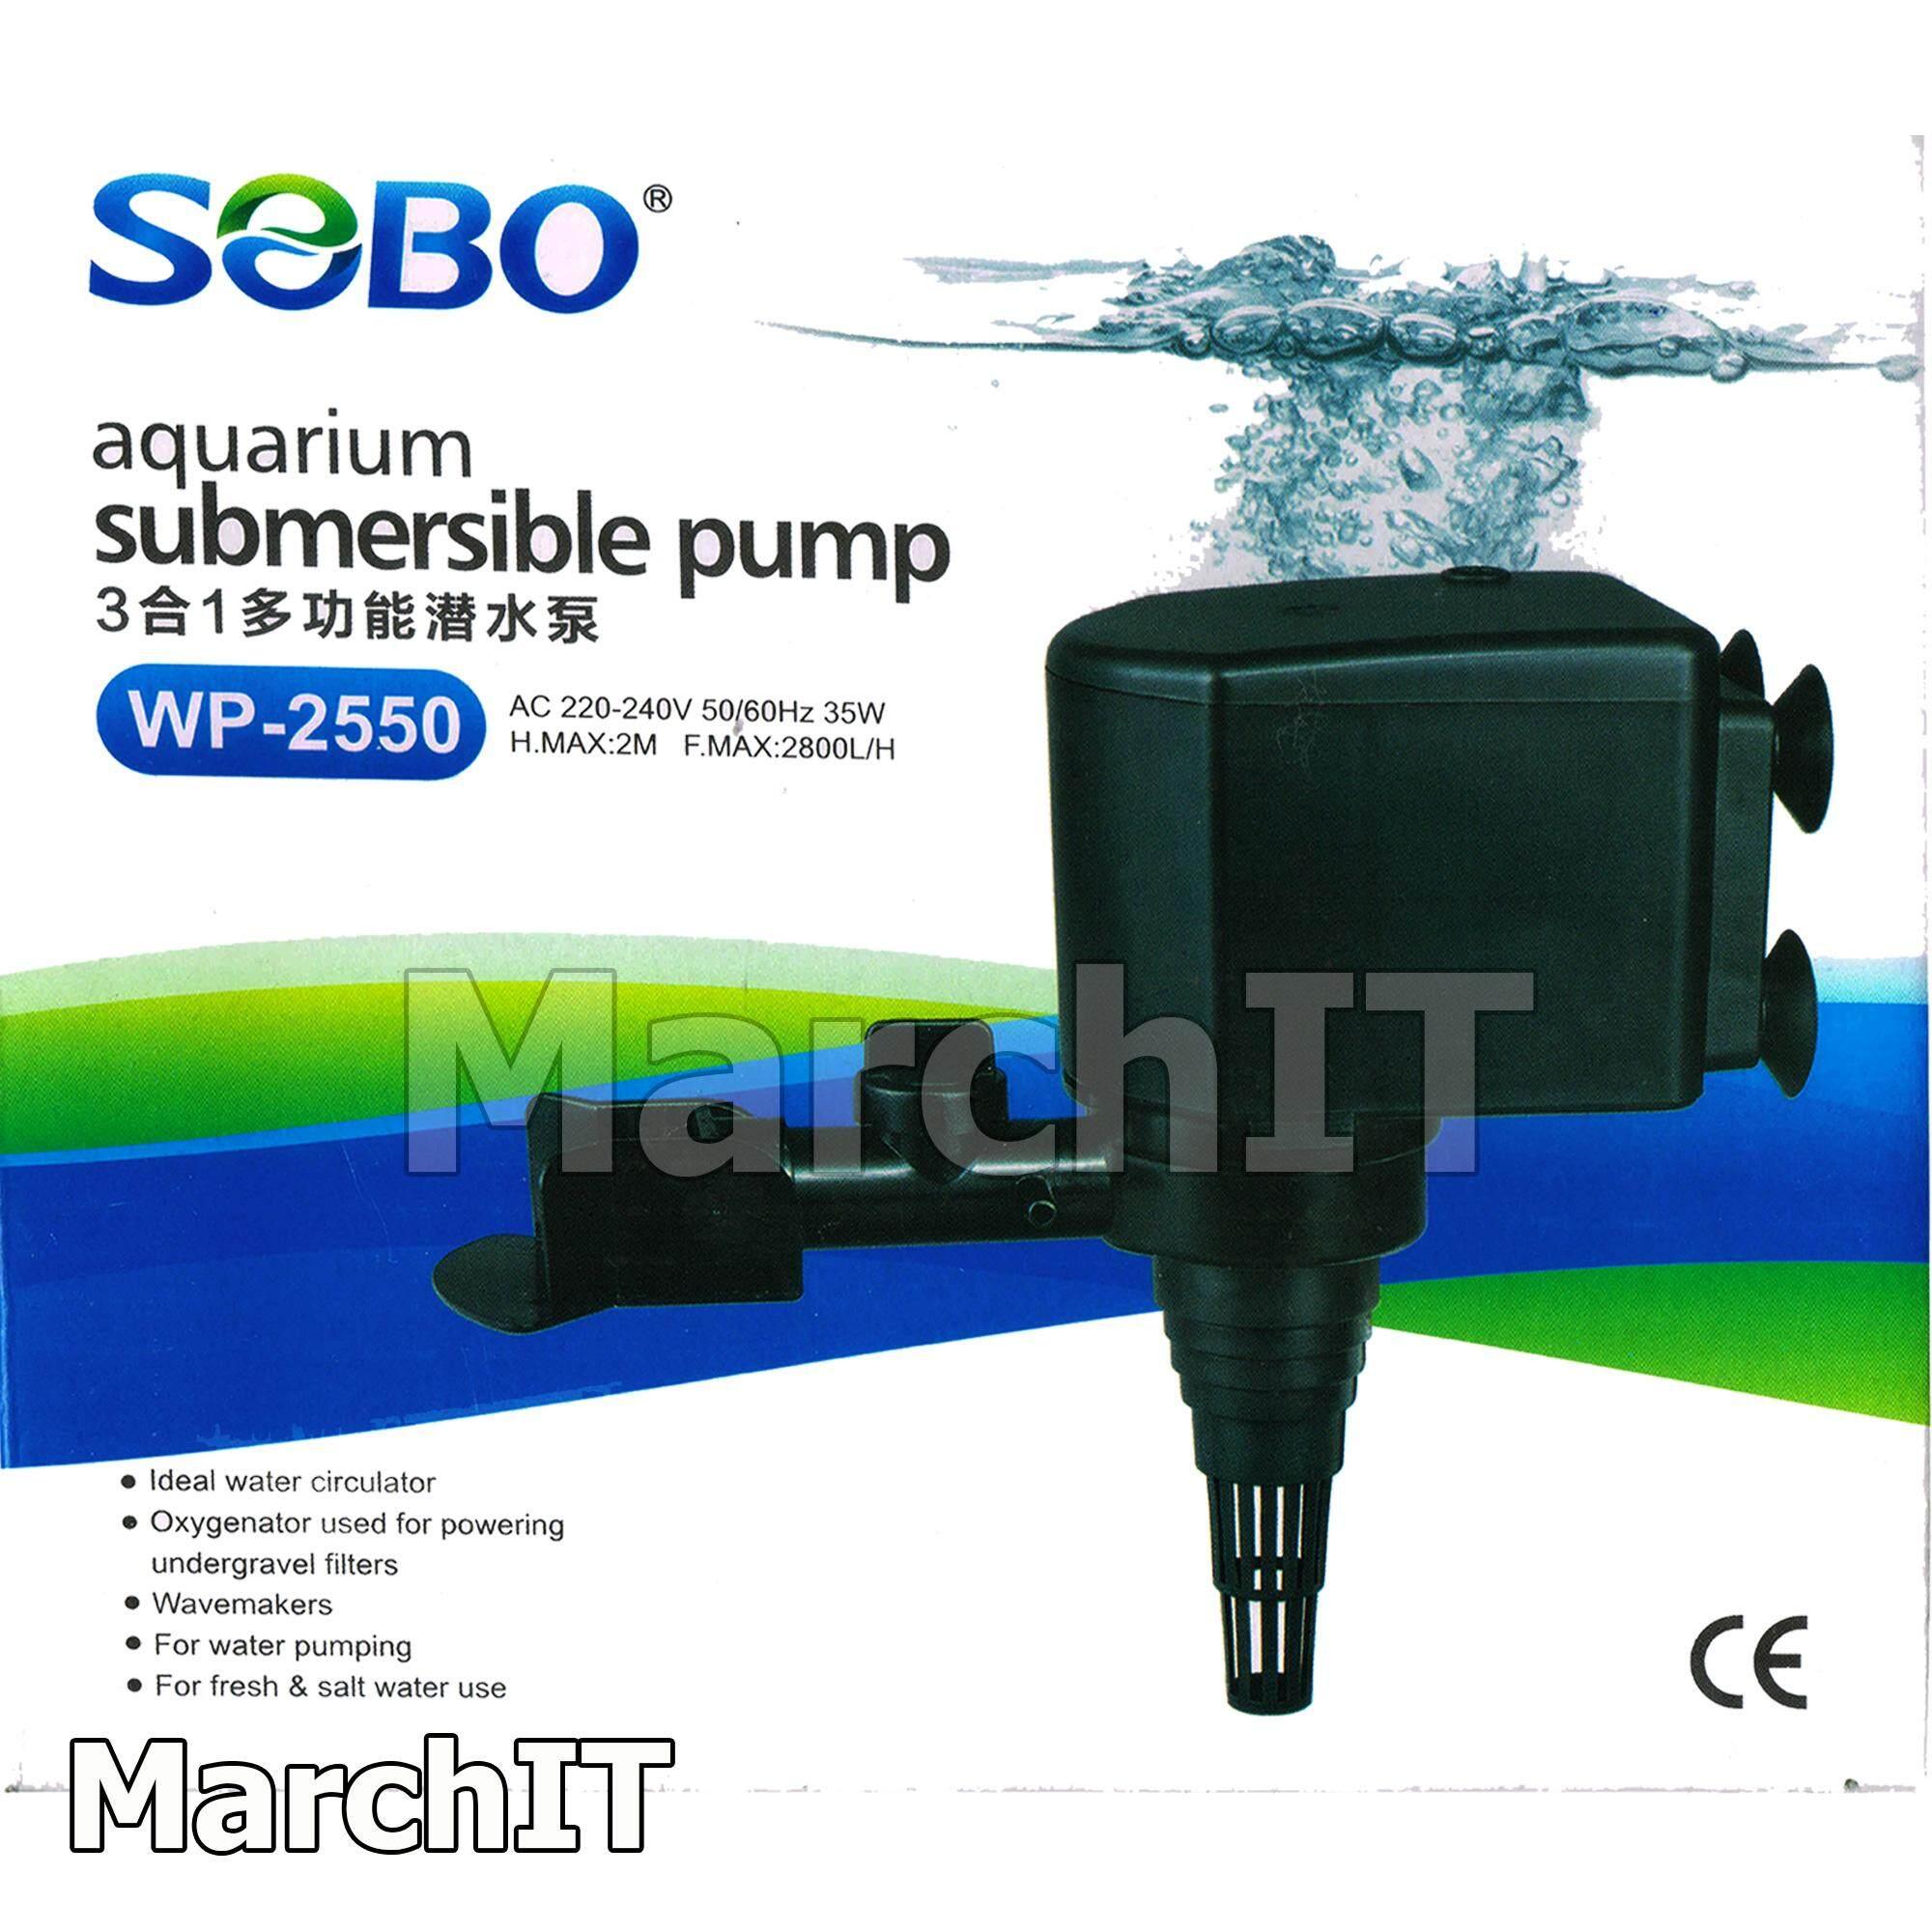 SOBO ปั๊มน้ำ WP-2550 สำหรับ ตู้ปลา บ่อปลา บ่อกุ้ง บ่อกรอง น้ำพุ ปั๊มแช่ ปั๊มน้ำพุ ปั้มน้ำได้ 2800 L/H ขนาด 35W ตู้ปลาขนาด 36-60 นิ้ว แกนใบพัดเซรามิค น้ำแรง สม่ำเสมอ เสียงเงียบแข็งแรงทนทาน ทำ ออกซิเจน น้ำใส แต่งสวน ตู้ปลา ไม้น้ำ ตู้ปลาทะเล น้ำจืด ทำน้ำตก